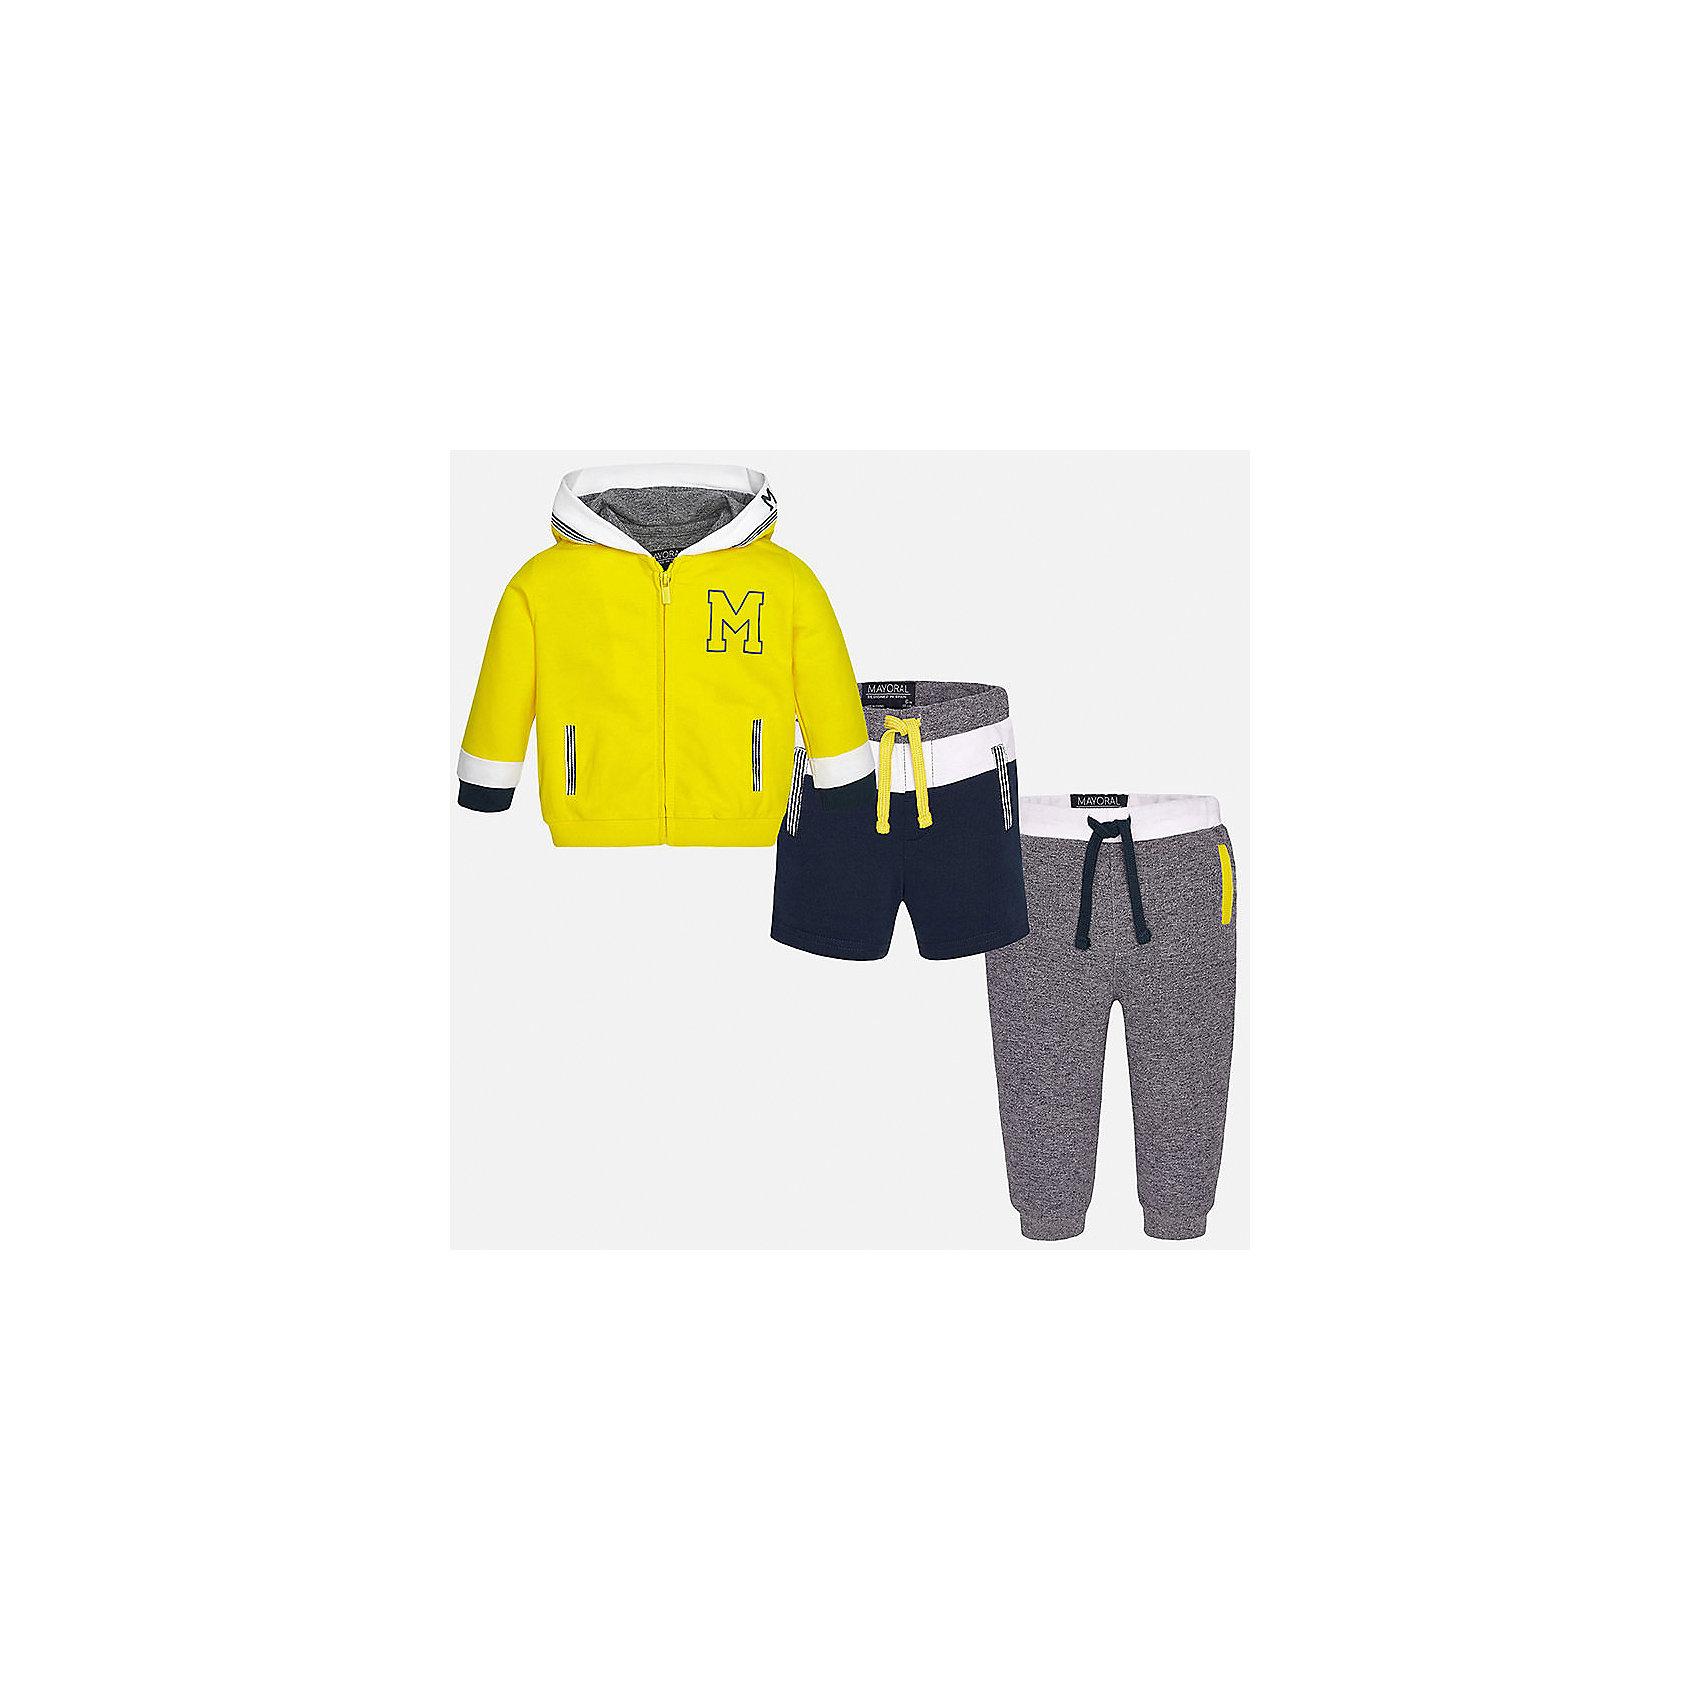 Спортивный костюм для мальчика MayoralХарактеристики товара:<br><br>• цвет: желтый/серый/синий<br>• состав: толстовка - 58% хлопок, 39% полиэстер, 3% эластан; брюки и шорты: 60% хлопок, 40% полиэстер<br>• комплектация: курточка, штаны, шорты<br>• куртка декорирована вышивкой<br>• карманы<br>• капюшон<br>• штаны, шорты - пояс на шнурке<br>• манжеты на штанах <br>• страна бренда: Испания<br><br>Стильный качественный спортивный костюм для мальчика поможет разнообразить гардероб ребенка и удобно одеться. Курточка, шорты и штаны отлично сочетаются с другими предметами. Универсальный цвет позволяет подобрать к вещам верхнюю одежду практически любой расцветки. Интересная отделка модели делает её нарядной и оригинальной. В составе материала - натуральный хлопок, гипоаллергенный, приятный на ощупь, дышащий.<br><br>Одежда, обувь и аксессуары от испанского бренда Mayoral полюбились детям и взрослым по всему миру. Модели этой марки - стильные и удобные. Для их производства используются только безопасные, качественные материалы и фурнитура. Порадуйте ребенка модными и красивыми вещами от Mayoral! <br><br>Спортивный костюм для мальчика от испанского бренда Mayoral (Майорал) можно купить в нашем интернет-магазине.<br><br>Ширина мм: 247<br>Глубина мм: 16<br>Высота мм: 140<br>Вес г: 225<br>Цвет: желтый<br>Возраст от месяцев: 12<br>Возраст до месяцев: 15<br>Пол: Мужской<br>Возраст: Детский<br>Размер: 80,86,92<br>SKU: 5279725